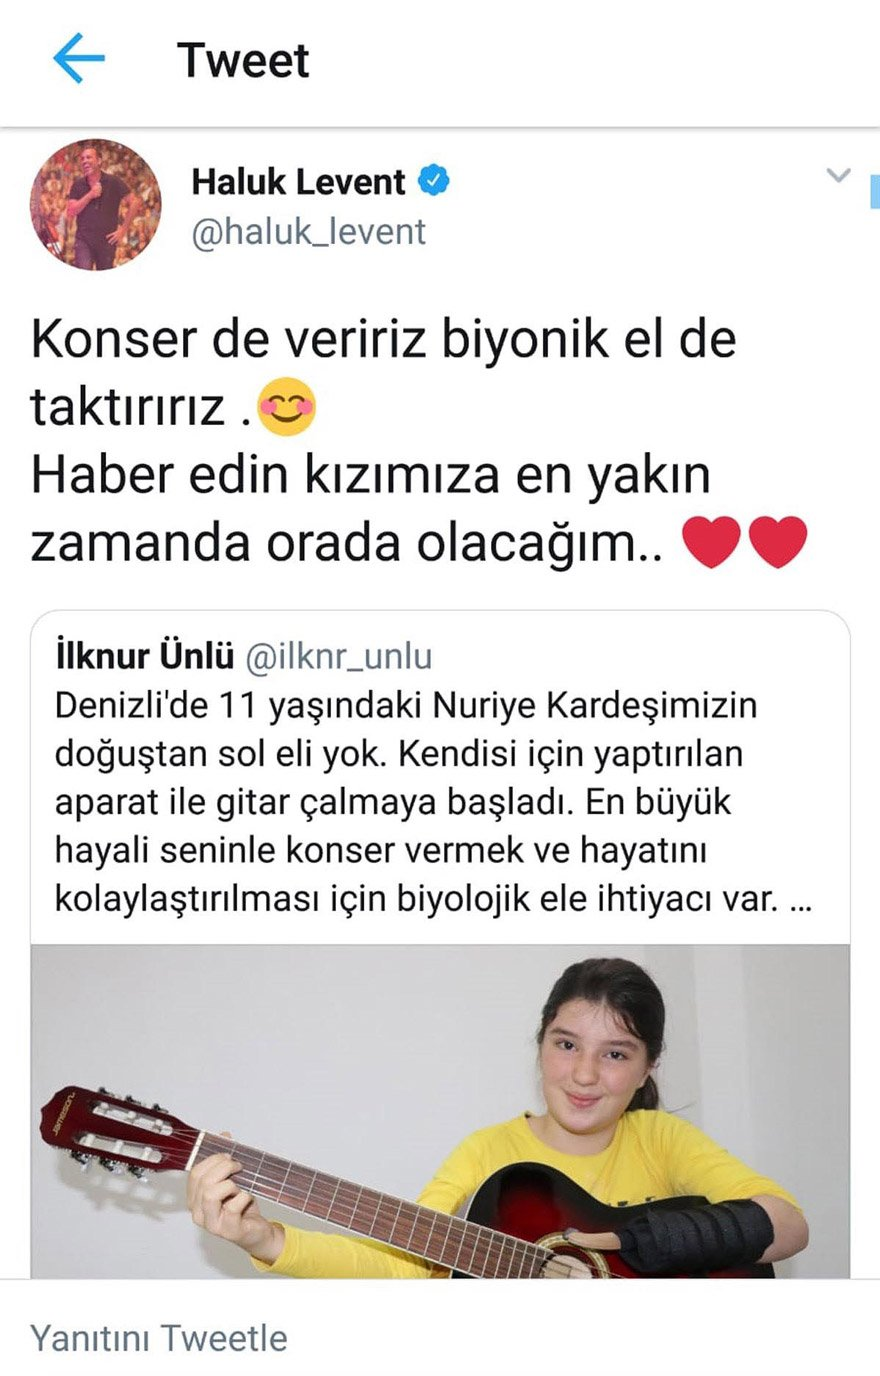 conc-haluk1_7023316